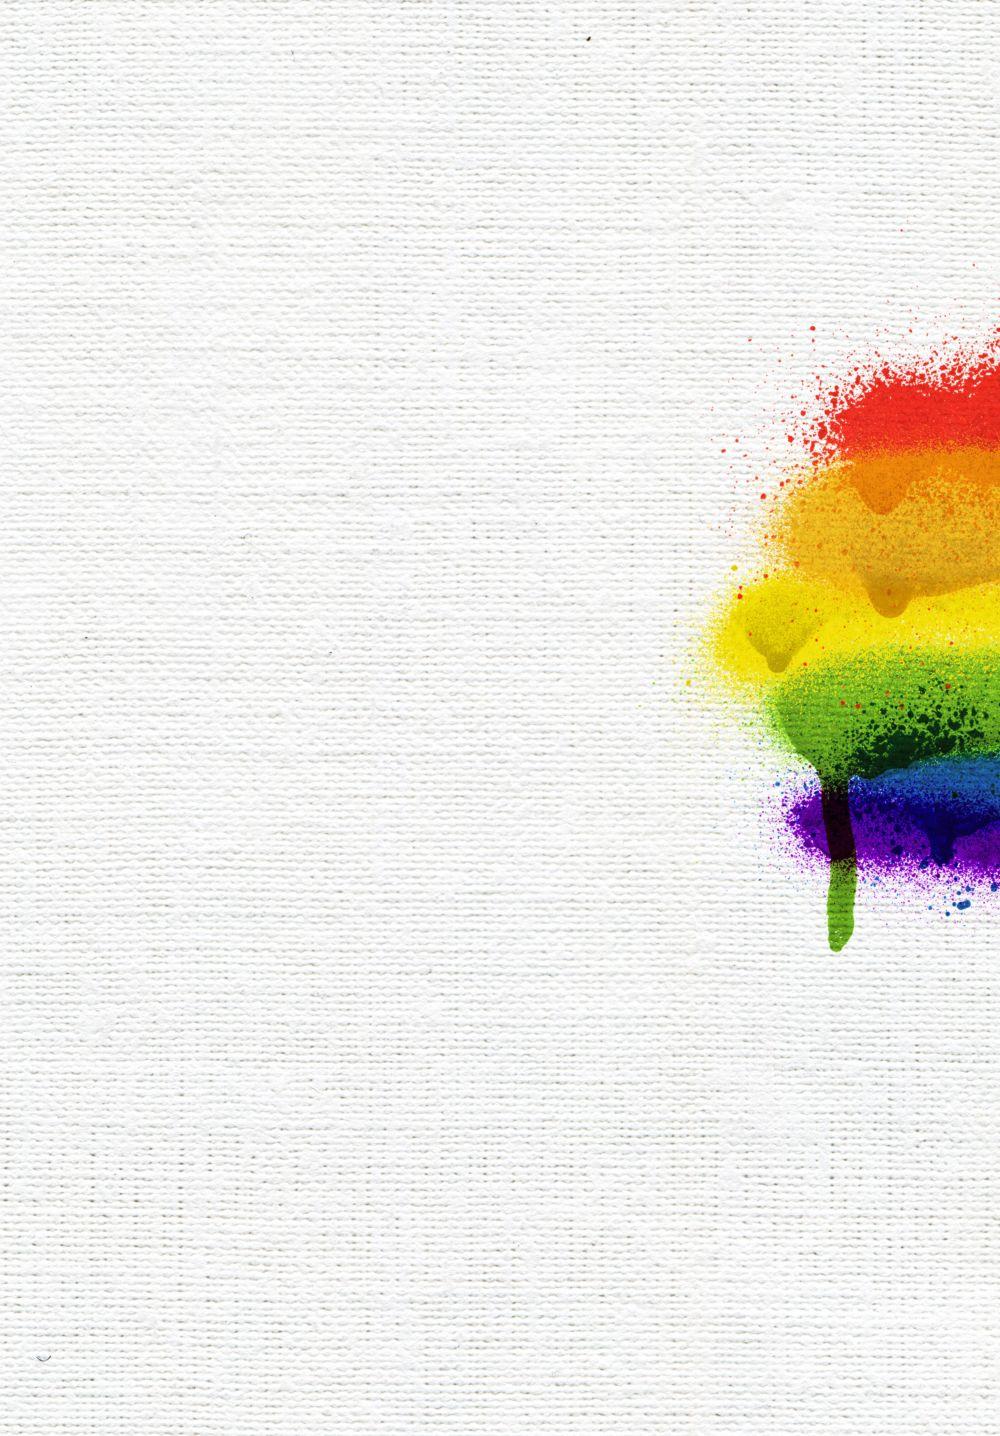 Ansicht 5 - Kirchenheft Umschlag Regenbogenliebe